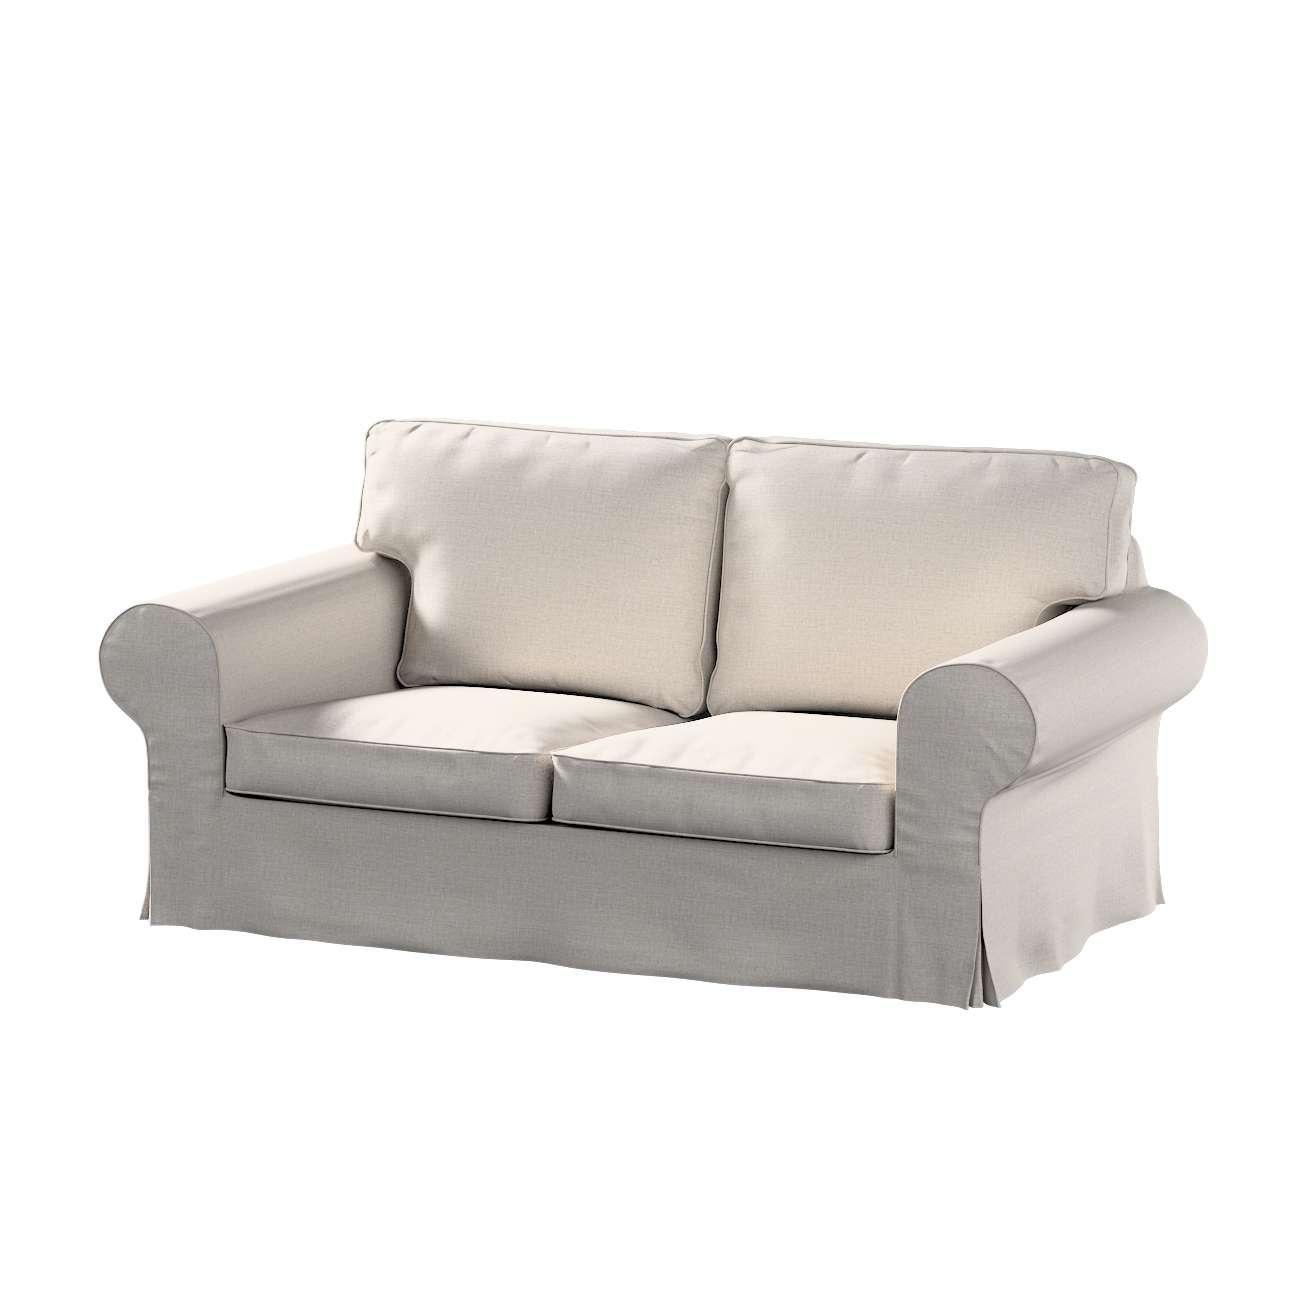 Pokrowiec na sofę Ektorp 2-osobową, rozkładaną, model do 2012 w kolekcji Living II, tkanina: 161-00